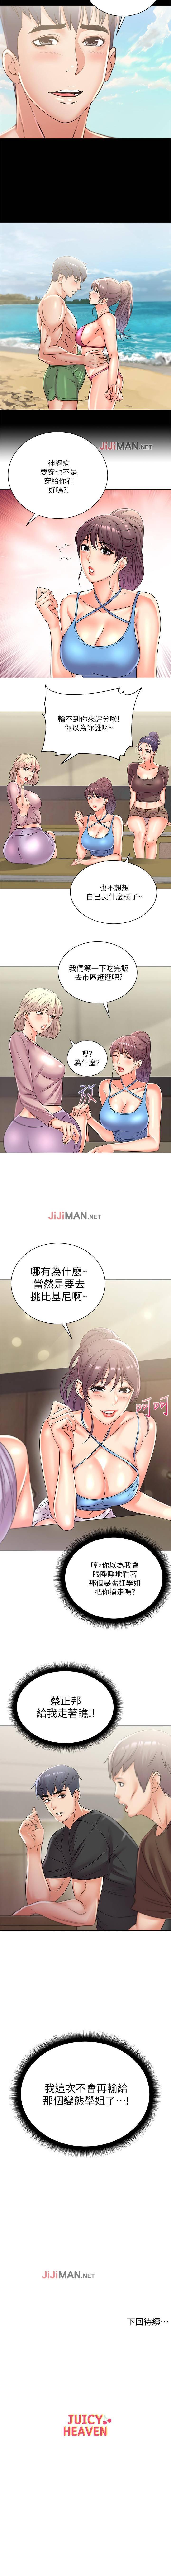 【周三连载】超市的漂亮姐姐(作者:北鼻&逃兵) 第1~40话 157